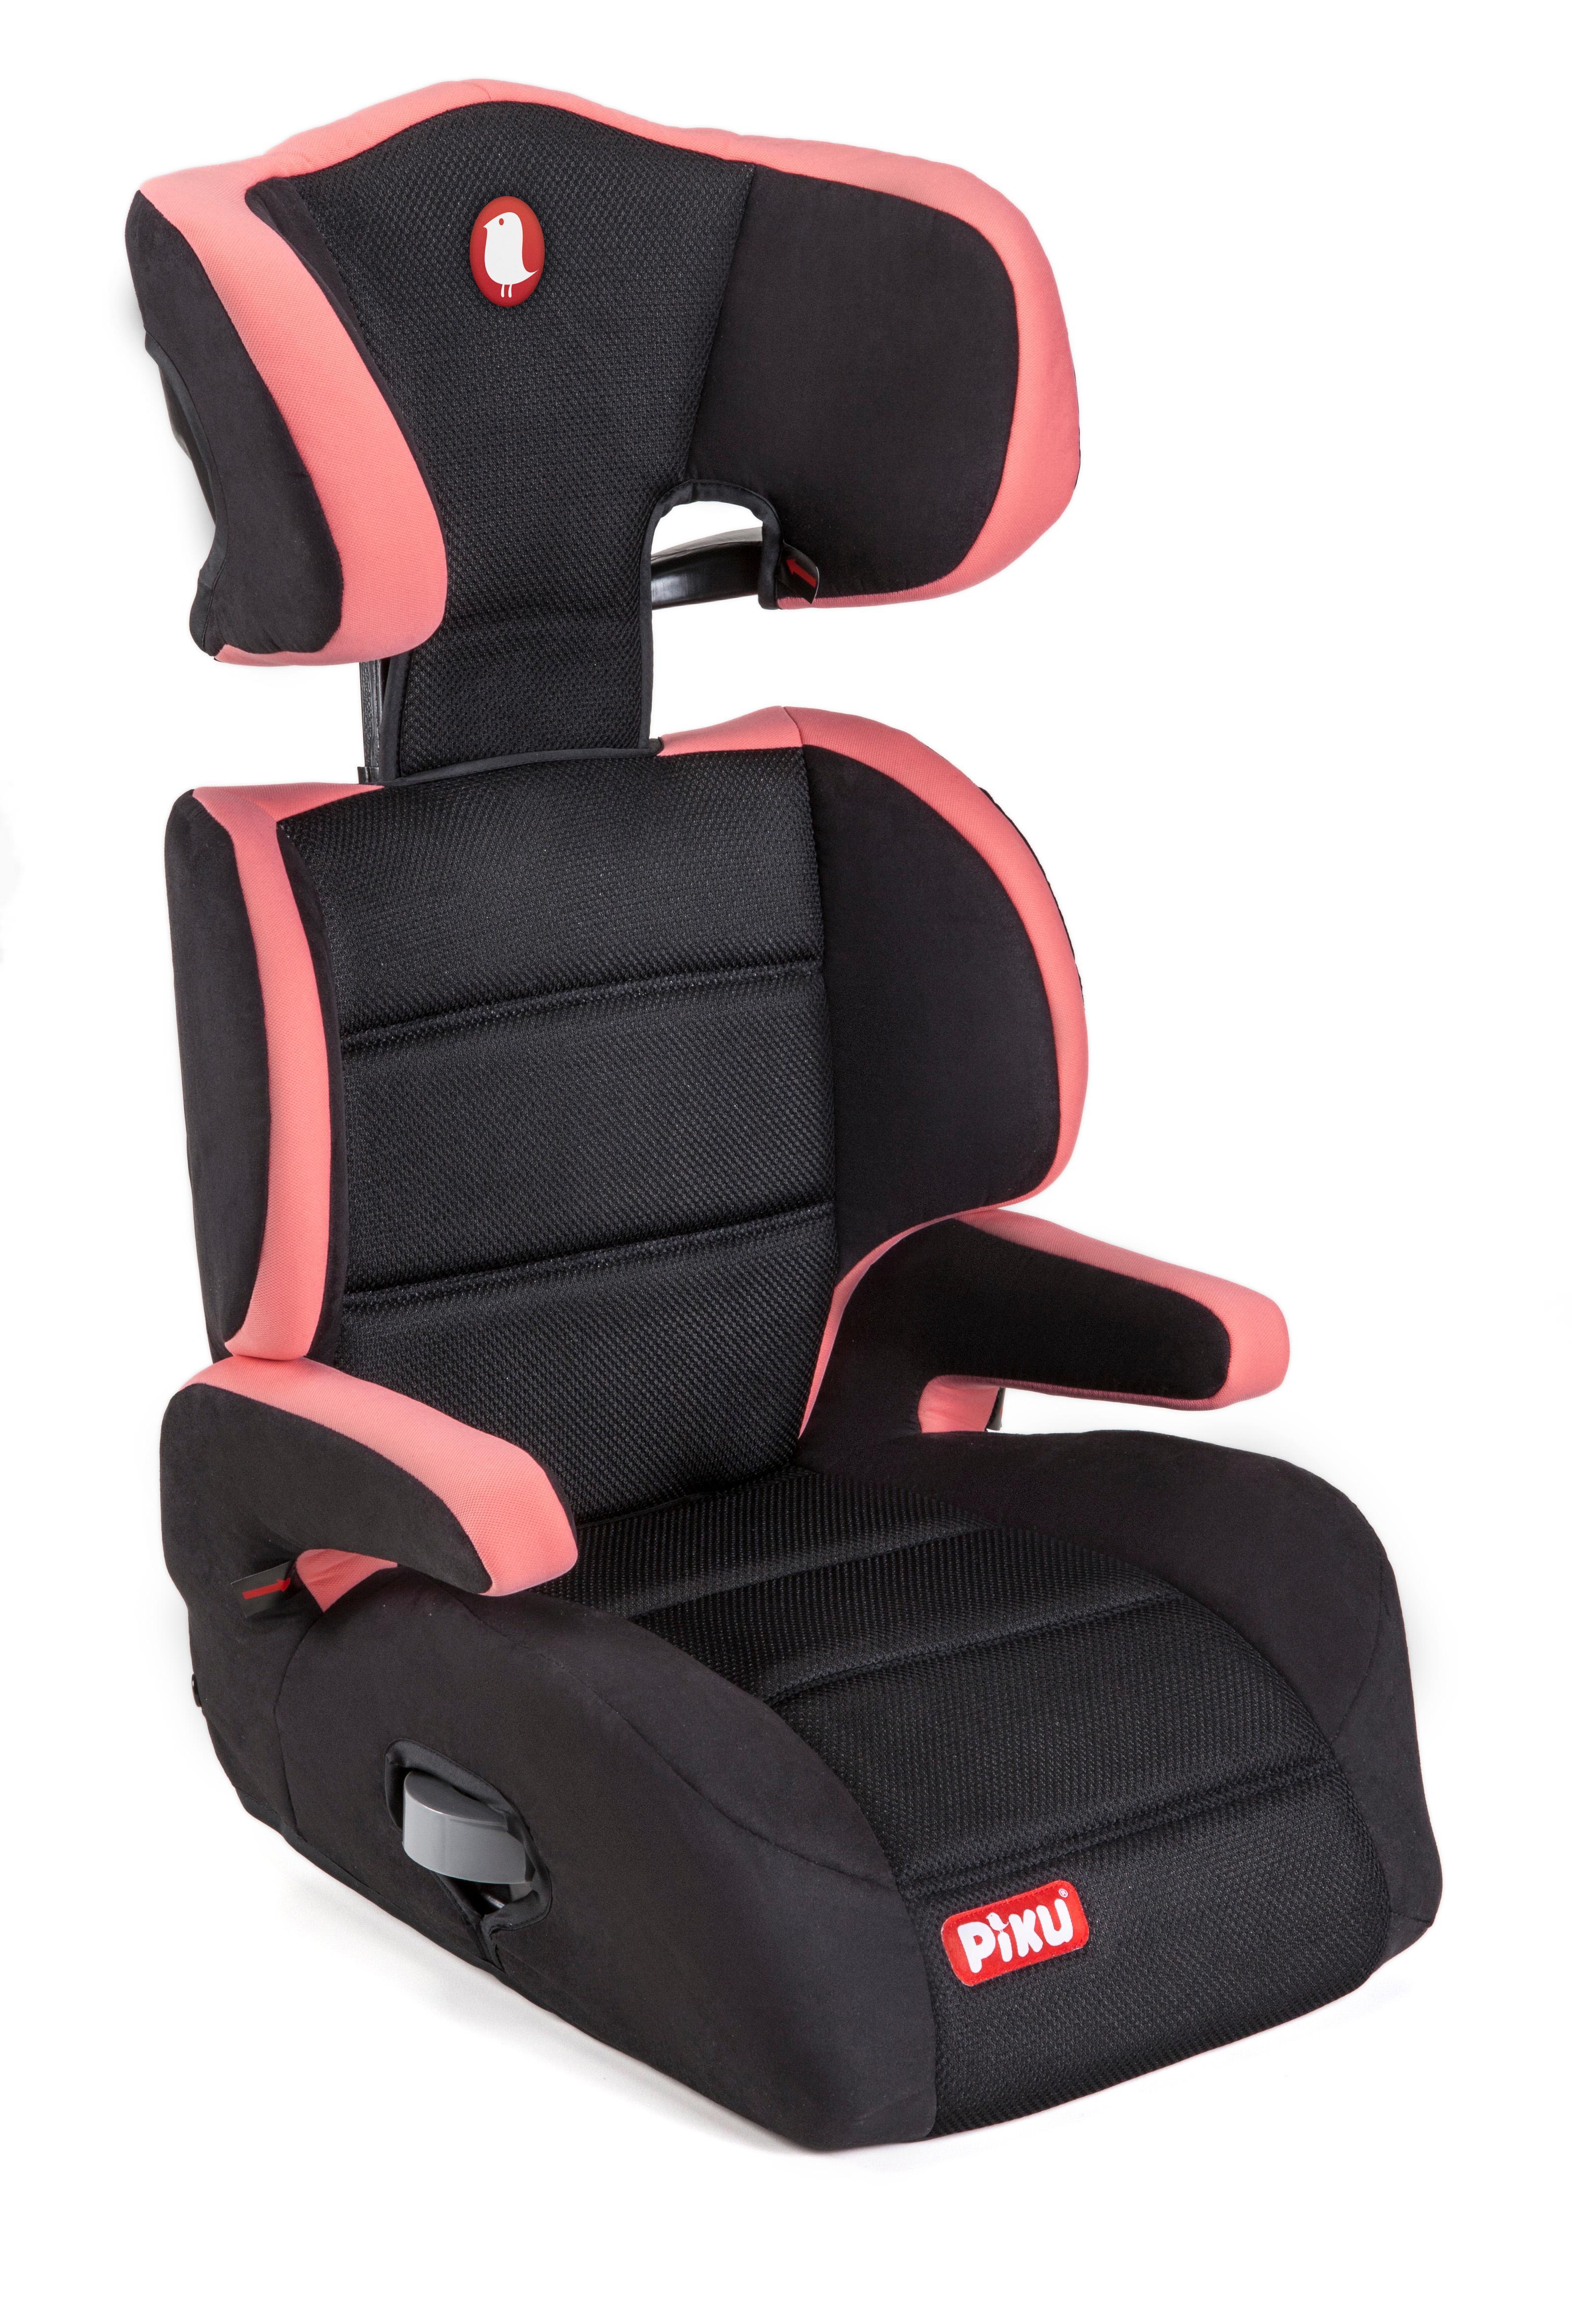 Piku 6228 silla de coche grupo 2 3 rosa negro deportes y aire libre - Piku silla coche ...